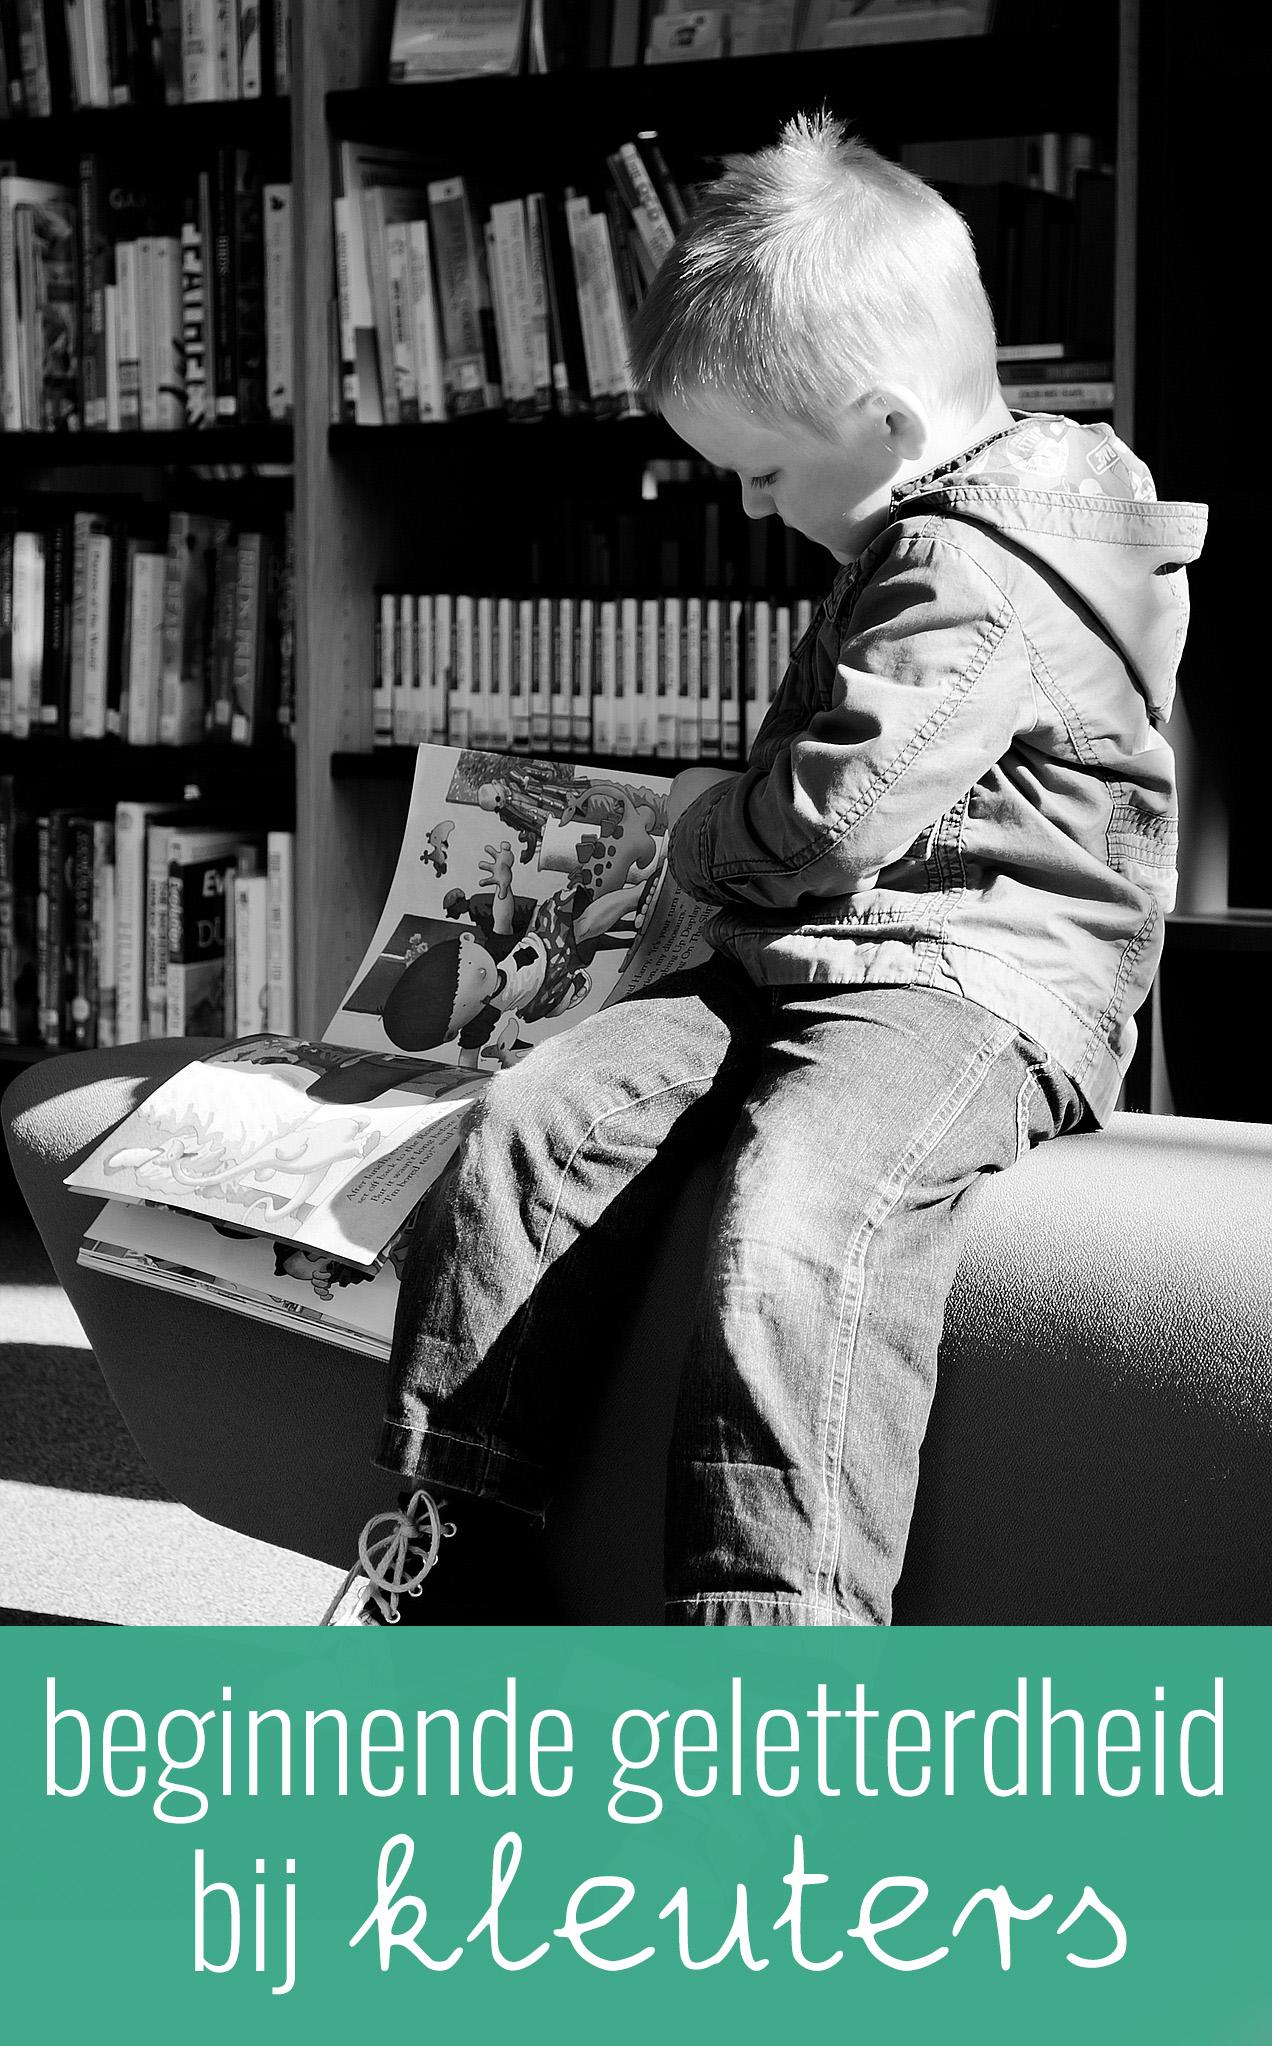 Beginnende geletterdheid bij de kleuters is belangrijk. Het geeft de kans om kinderen een betere start in groep 3 te laten maken bij het leren lezen.